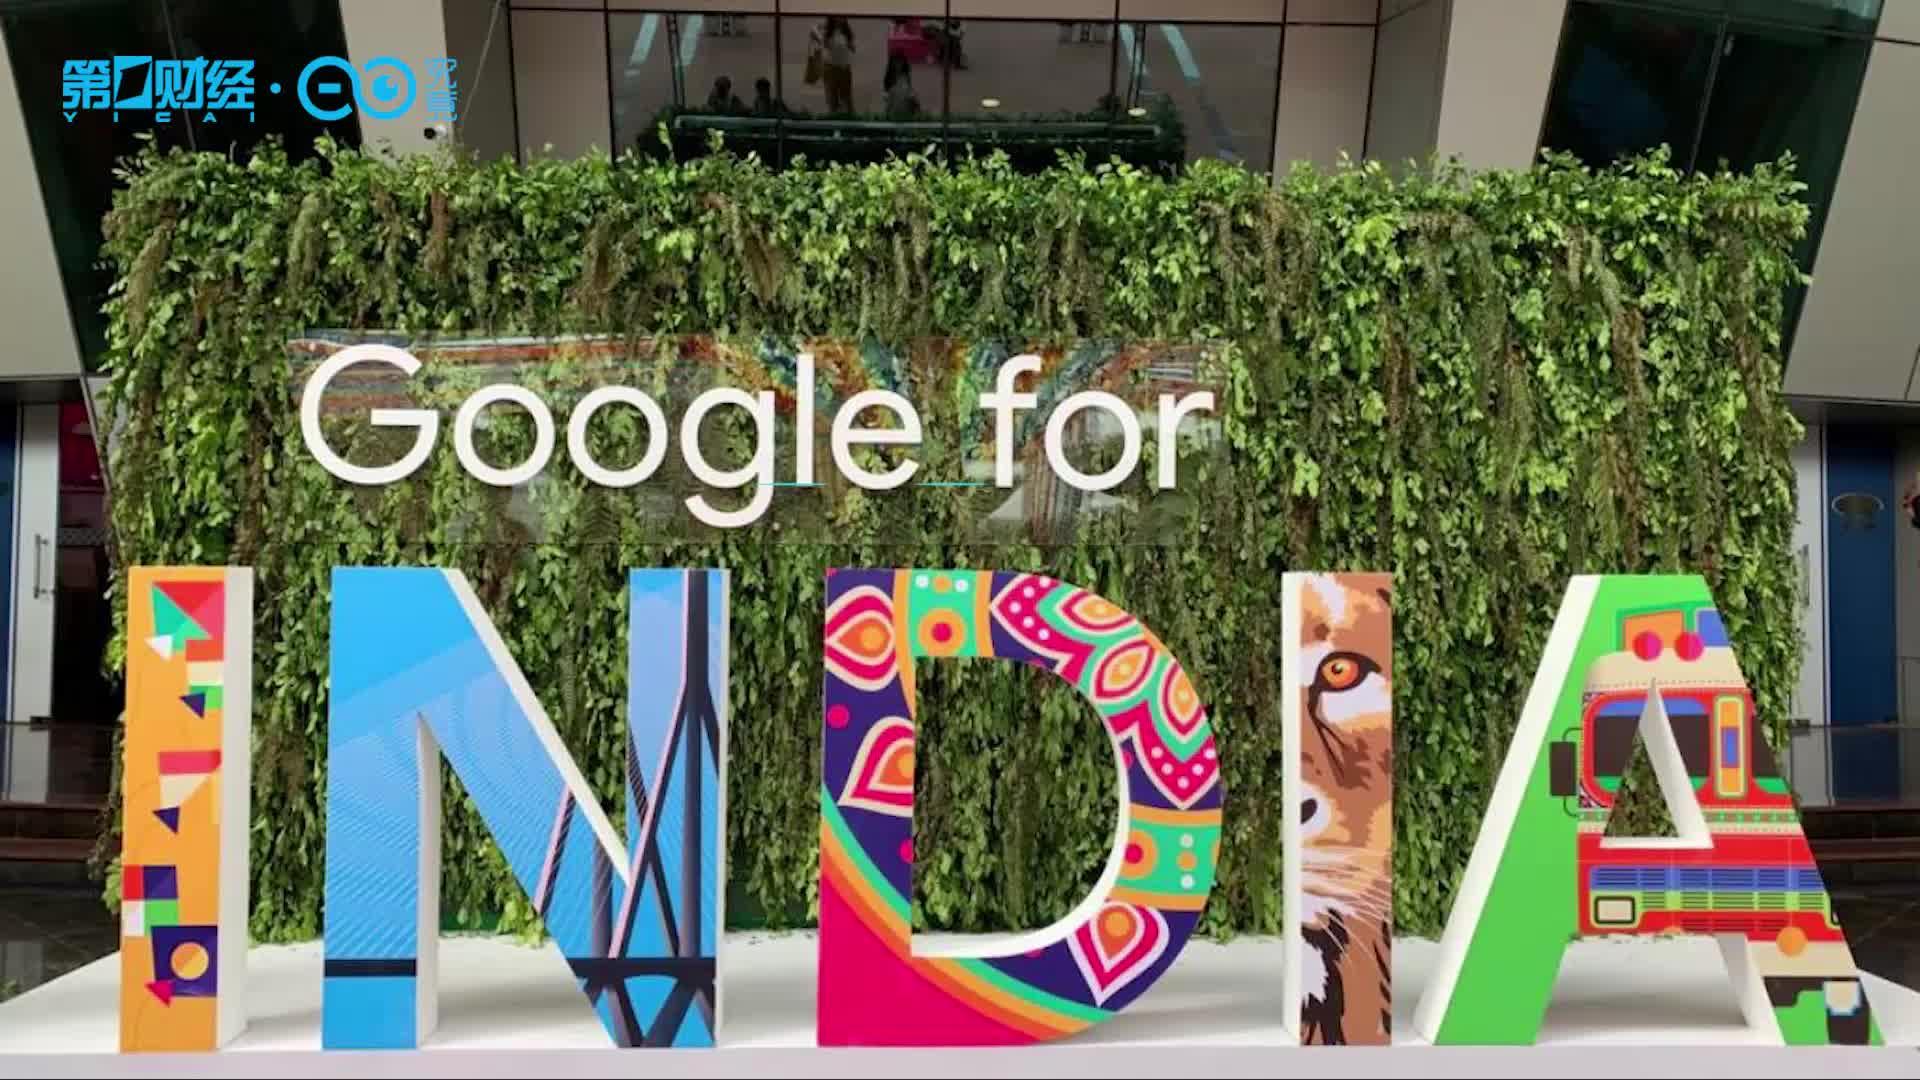 史上最大规模!谷歌斥资100亿美元助力印度数字经济发展丨热公司